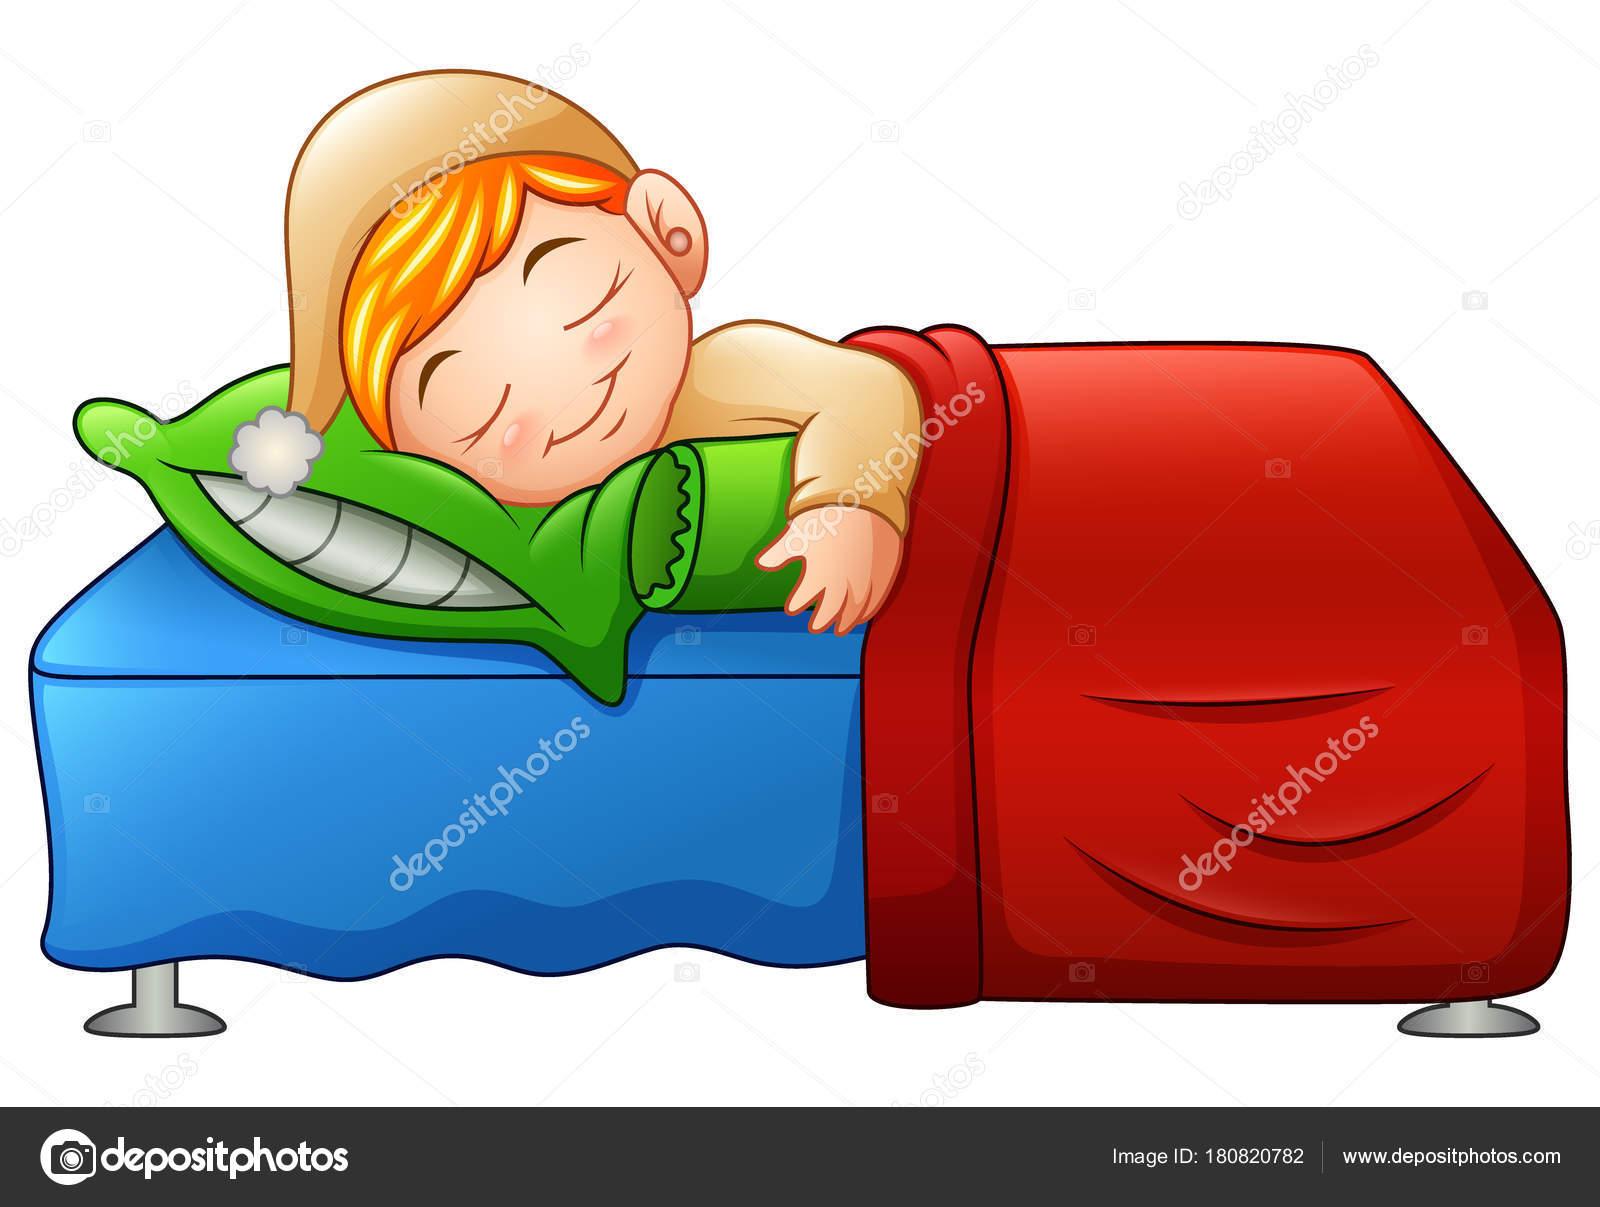 Dibujos: Dibujo Niño Durmiendo